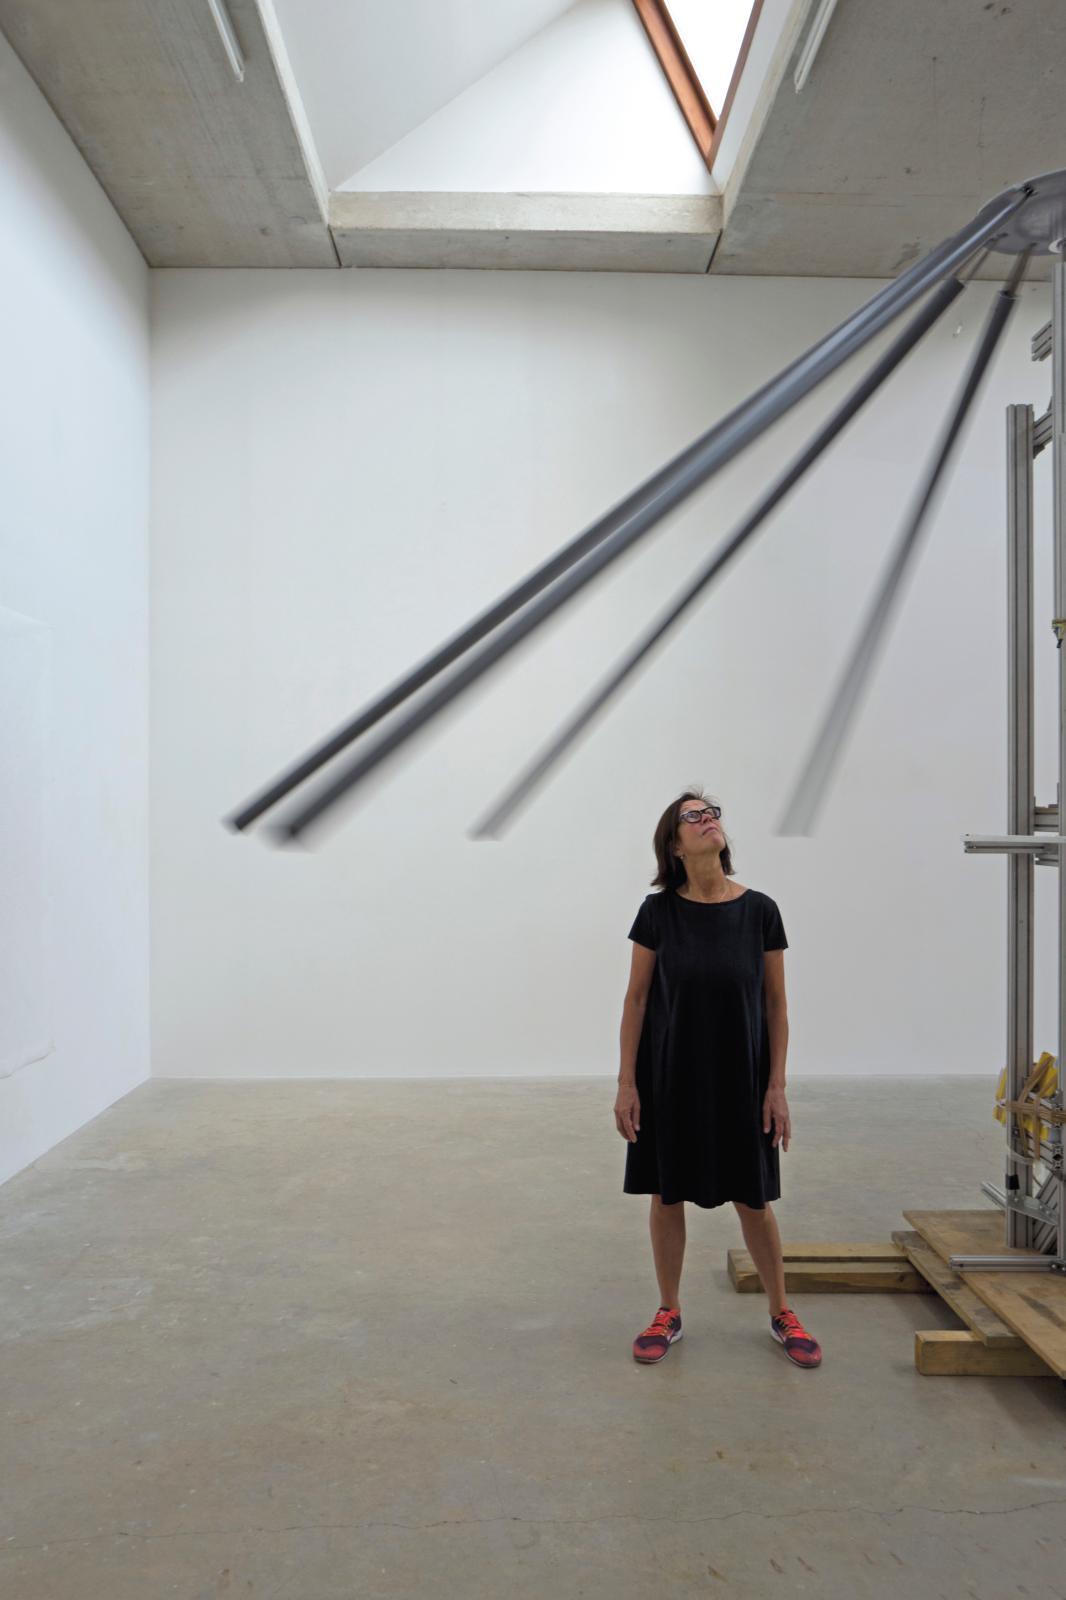 Susanna Fritscher dans son atelier, avec le prototype de Flügel Klingen pour Mondes flottants, XIVeBiennale de Lyon, France, 2017. © Laur